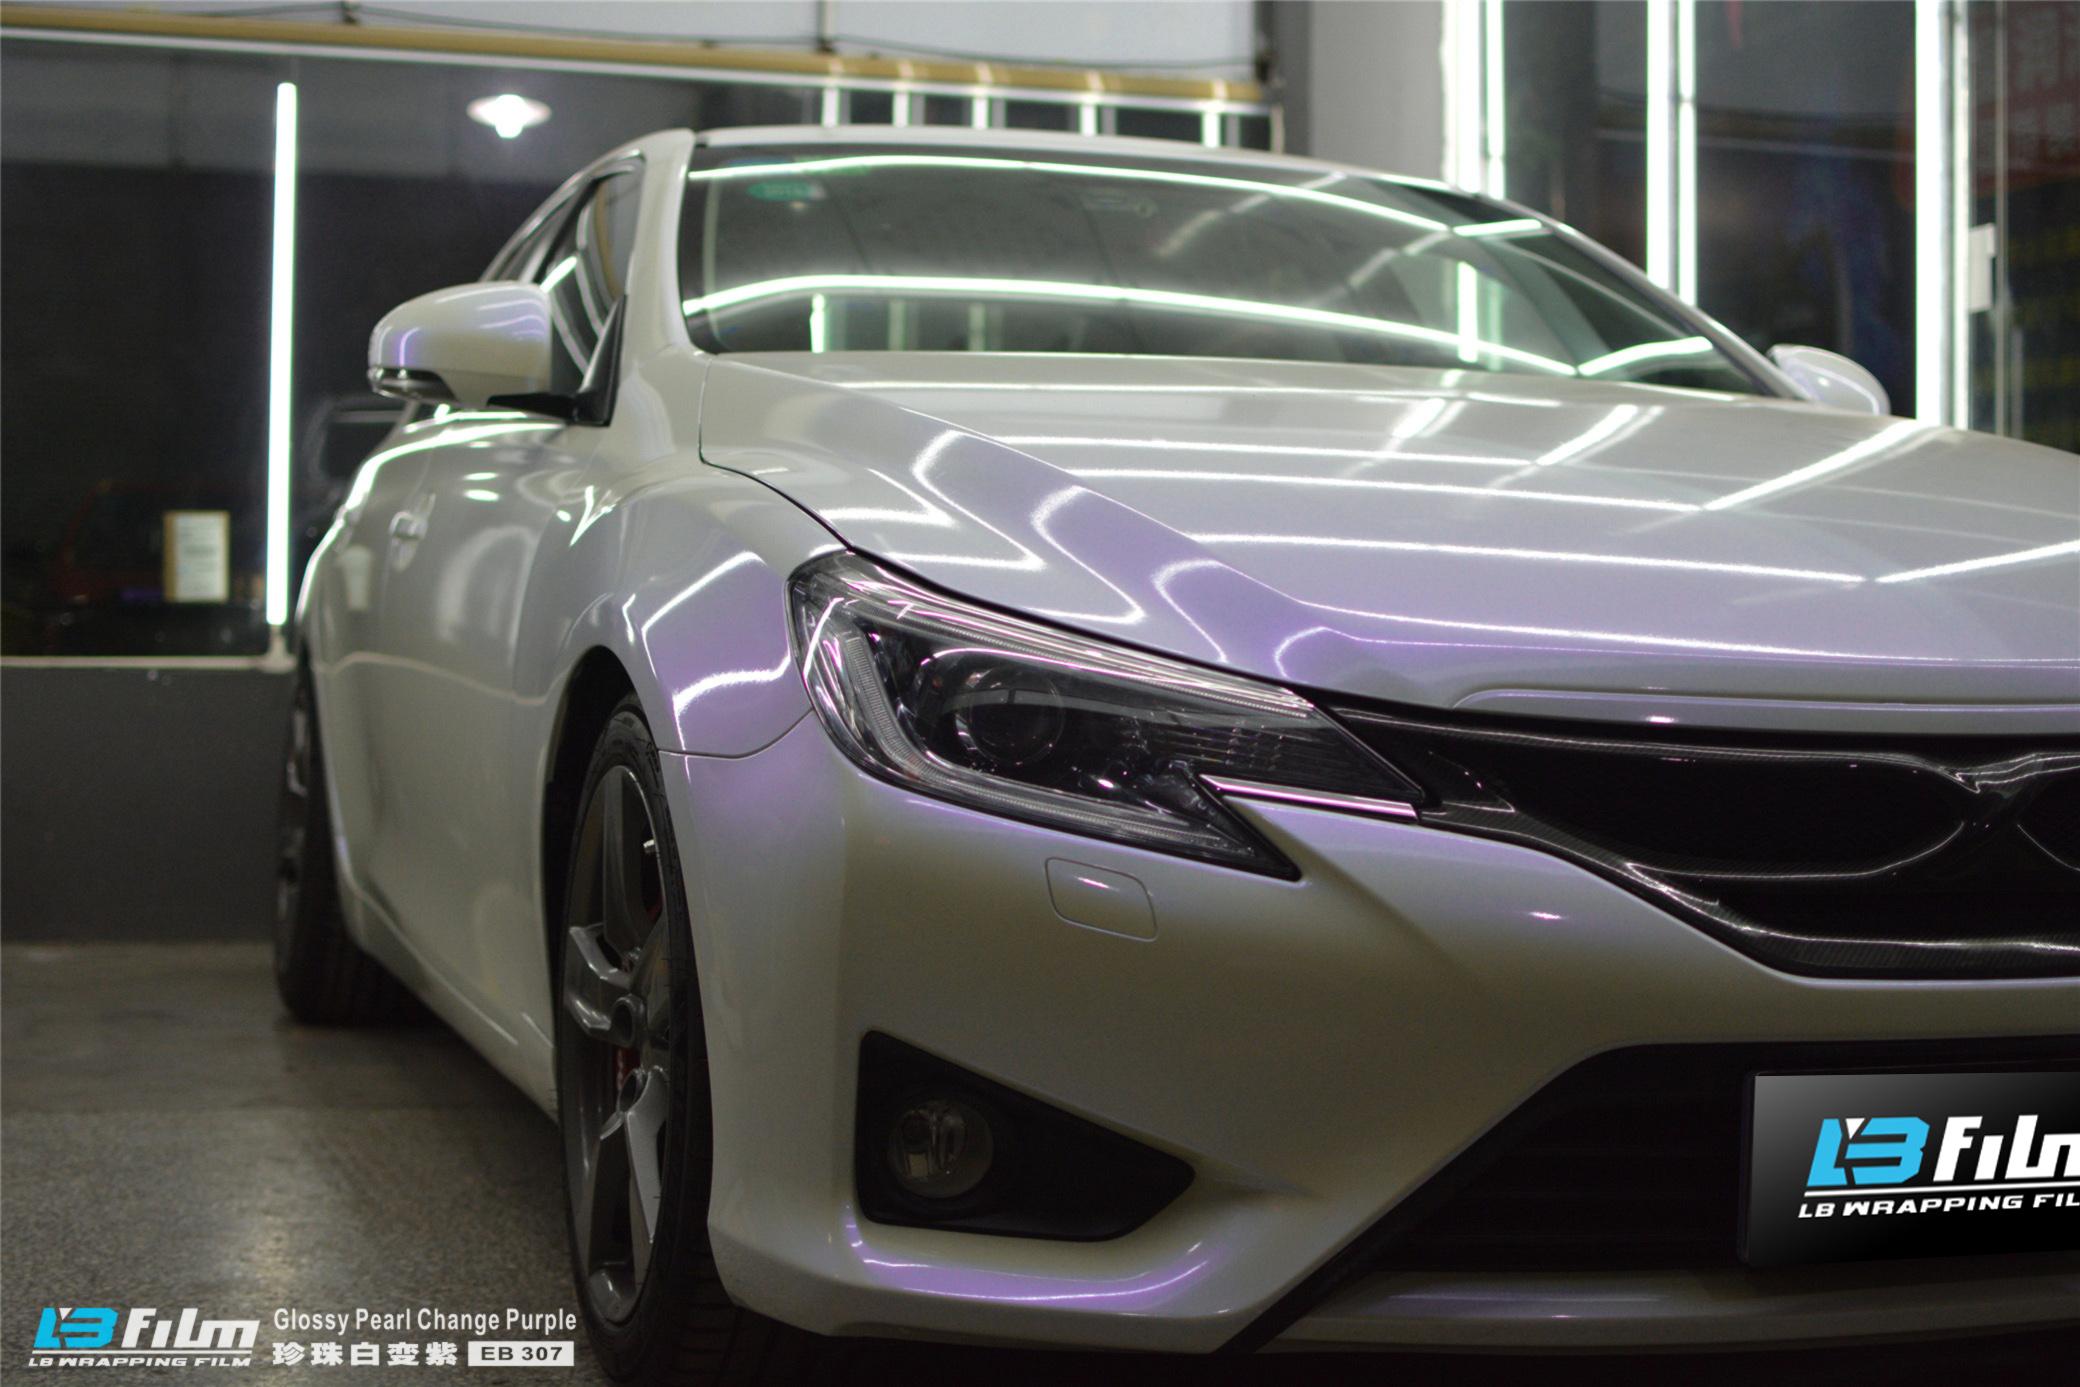 珍珠白变紫